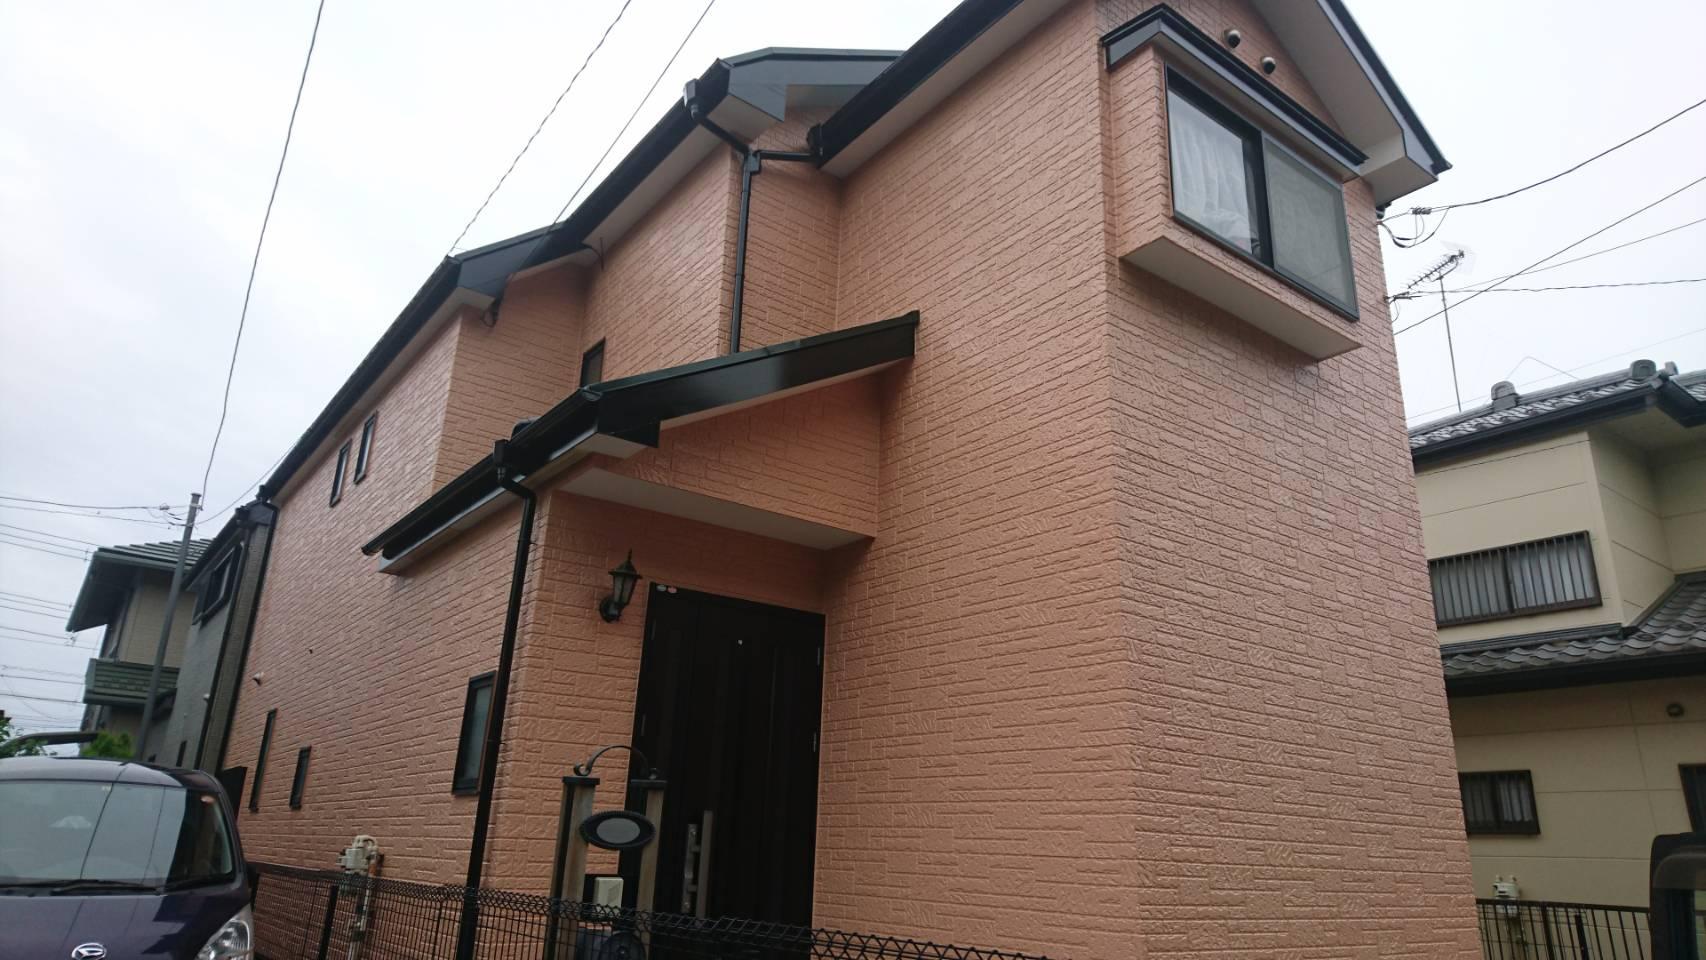 埼玉県 上尾市 外壁塗装 屋根塗装 O様邸 | ケイナスホーム 埼玉1